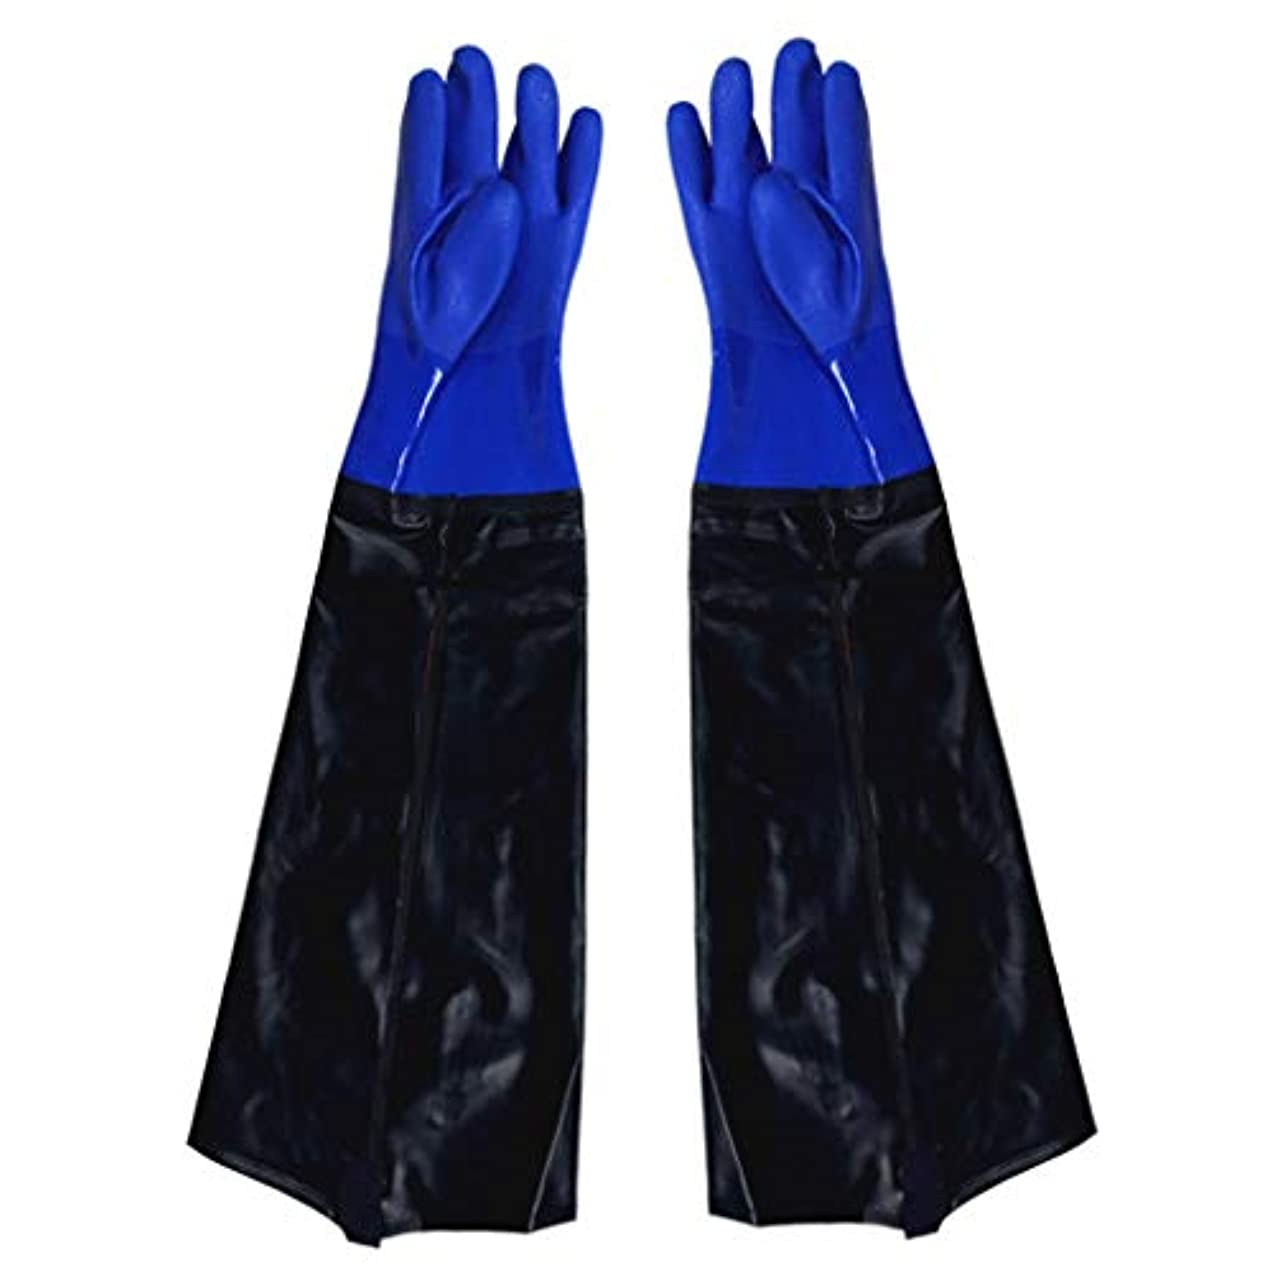 正当化するにんじん大邸宅ゴム手袋 - 漁業に強い耐久性のある酸とアルカリを広げることを長くすること